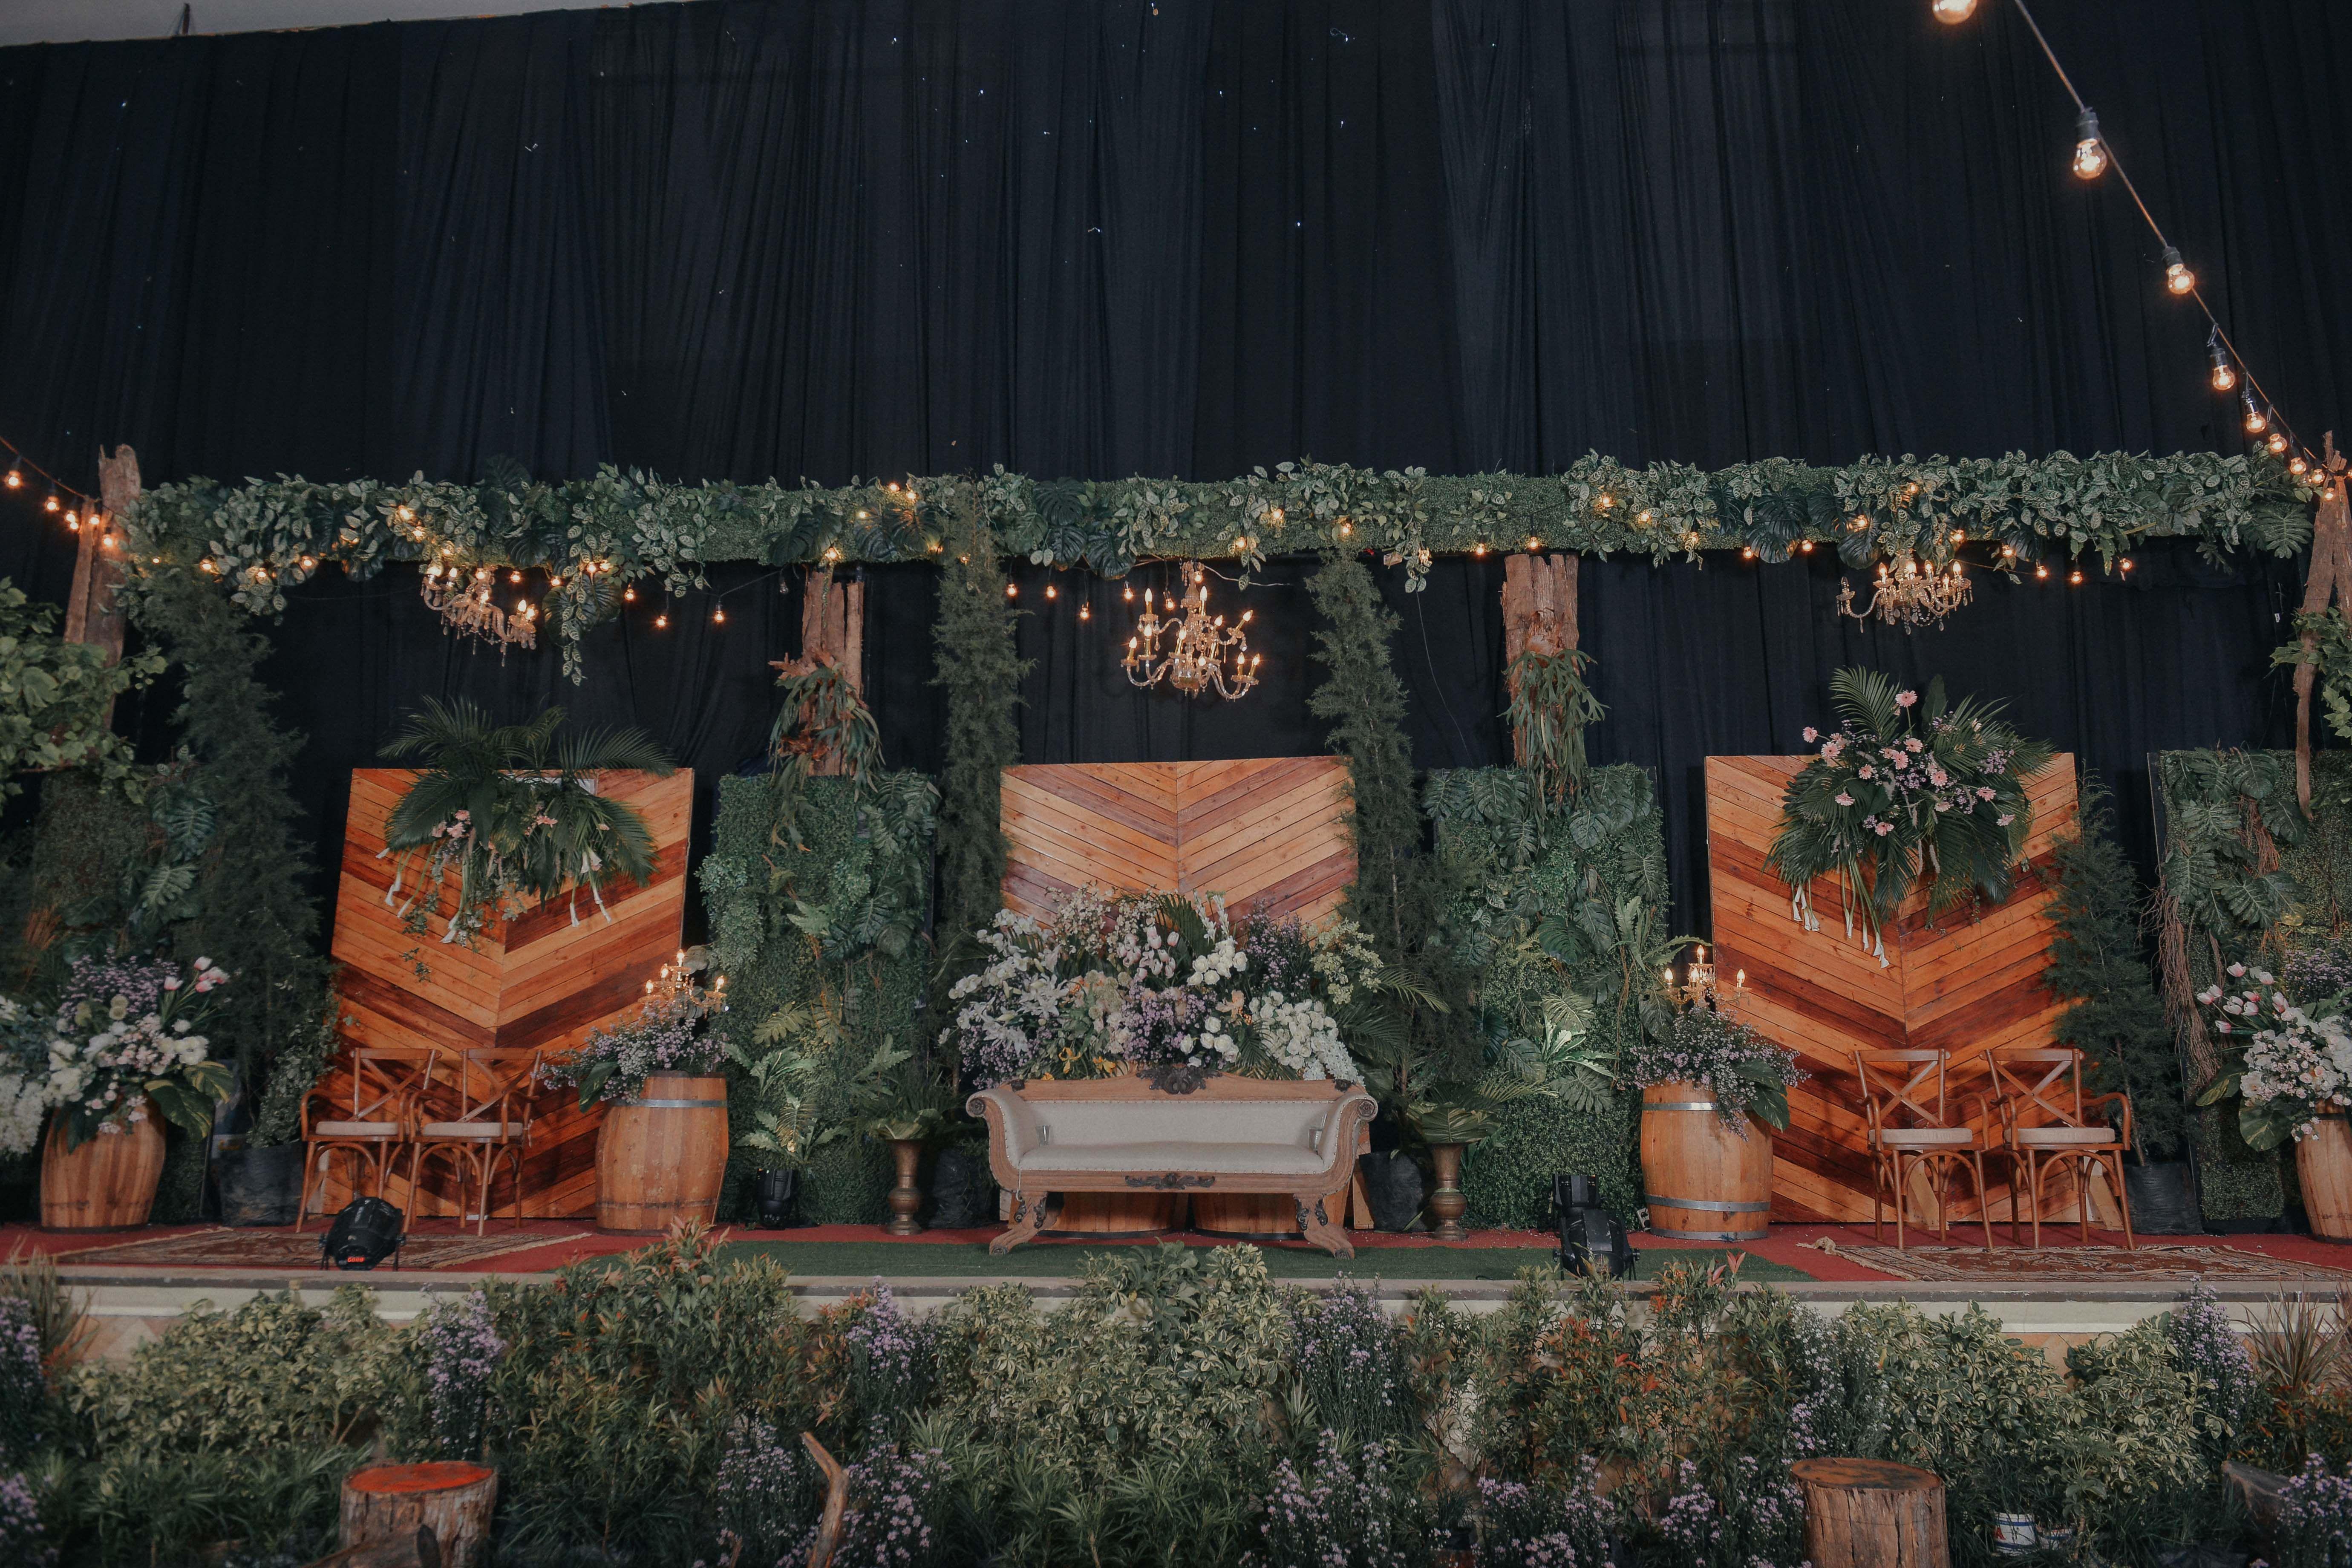 Wedding rustic surabaya indonesia raindropsdeco wedding rustic surabaya indonesia raindropsdeco weddingrusticsurabaya rusticwedding vendordecorsurabaya dekorasisurabaya dekorasimalang junglespirit Images